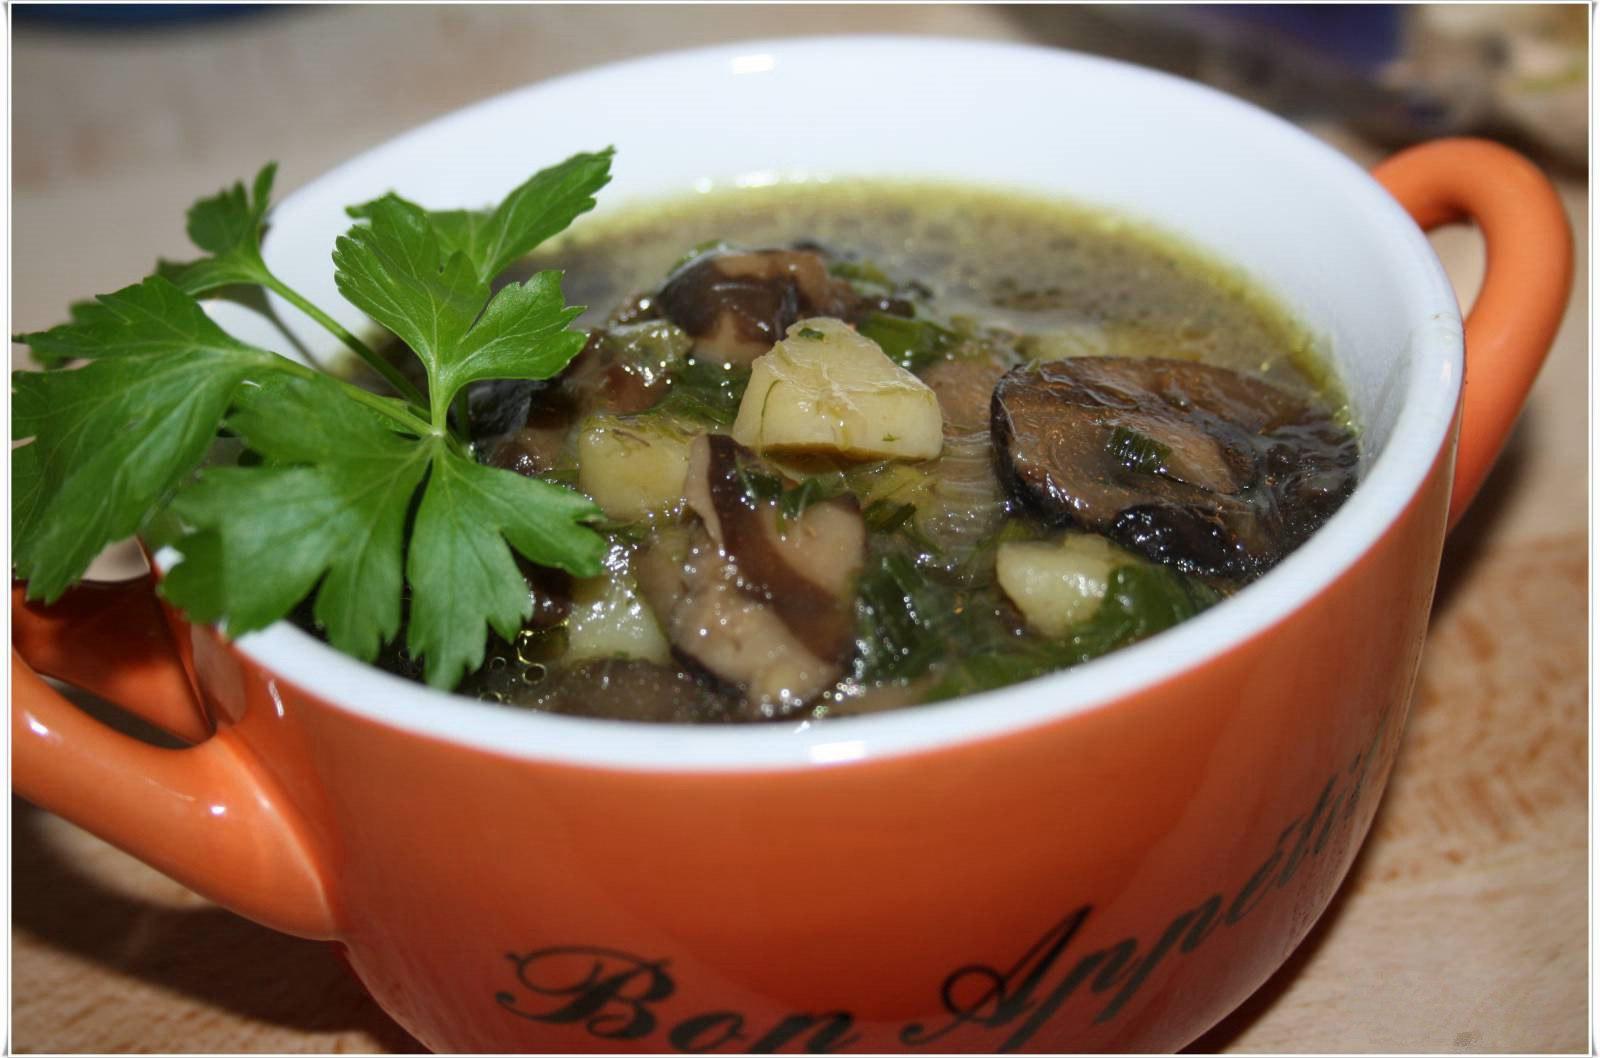 Грузди особенно щедро отдают аромат, поэтому суп из них наиболее аппетитный.